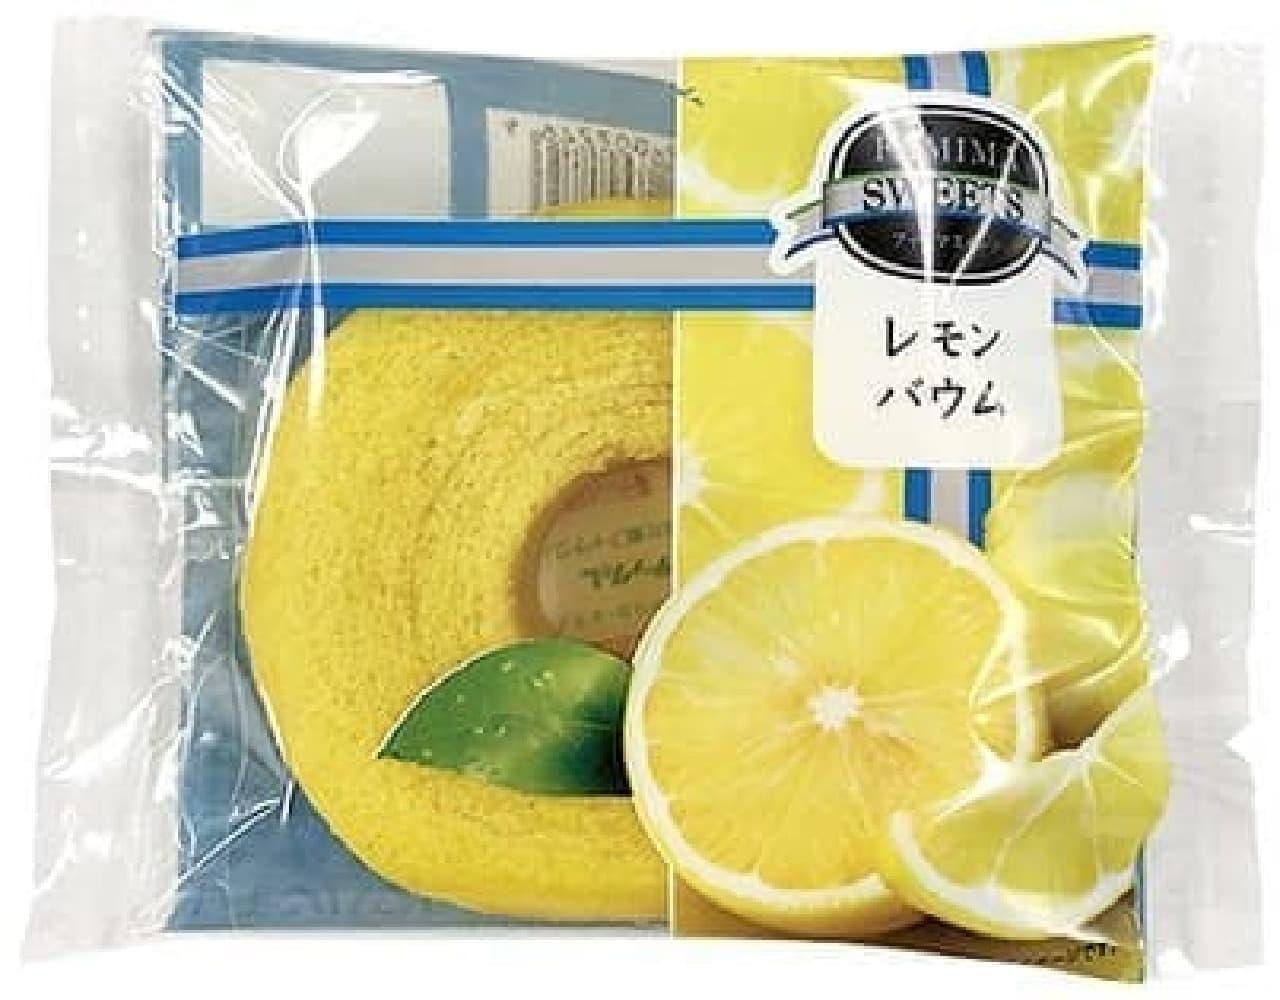 ファミリーマート「レモンバウム」